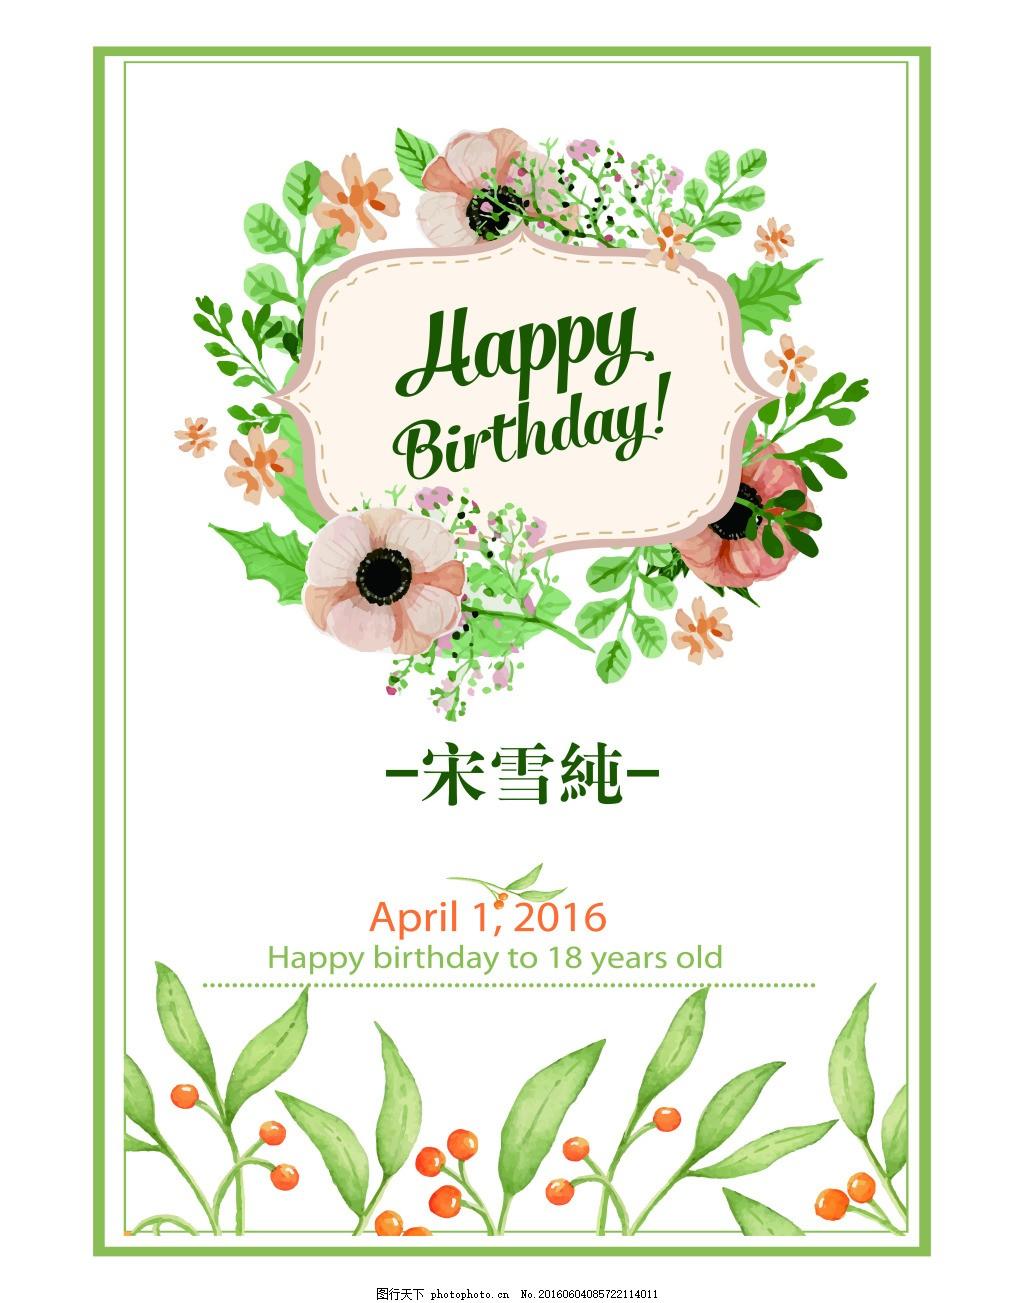 邀请函婚礼素材 生日素材 节日素材 森系 小清新花朵手绘邀请涵 手绘